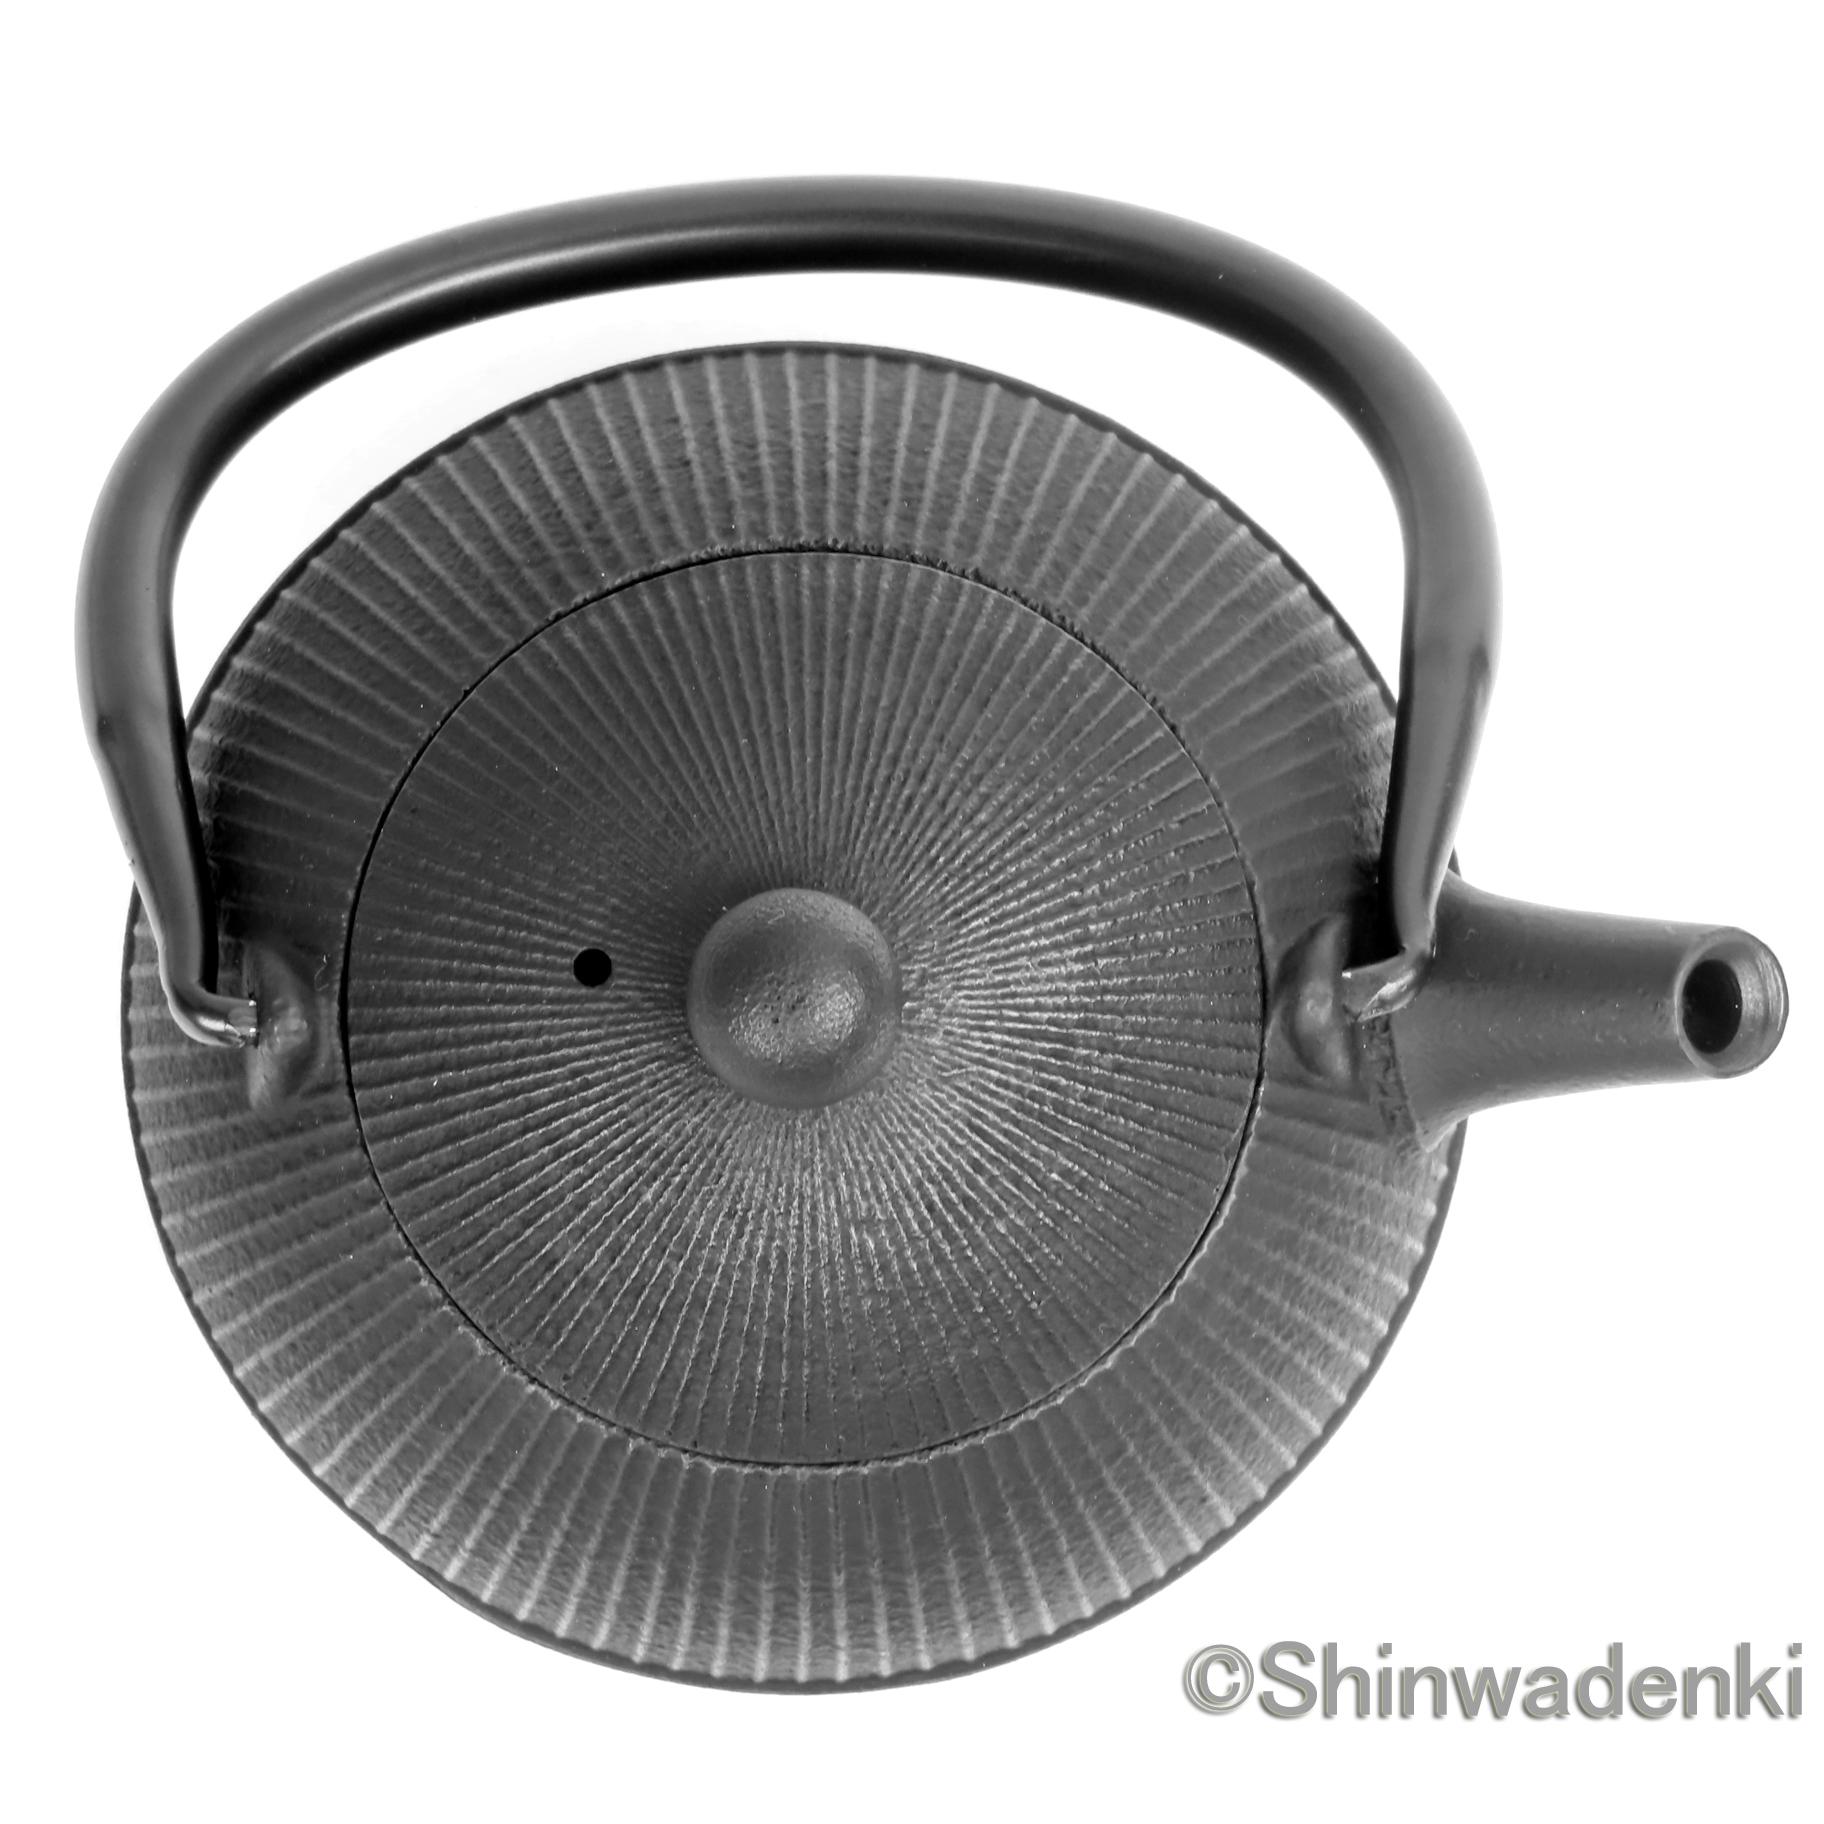 南部鉄器/南部鉄瓶 手毬